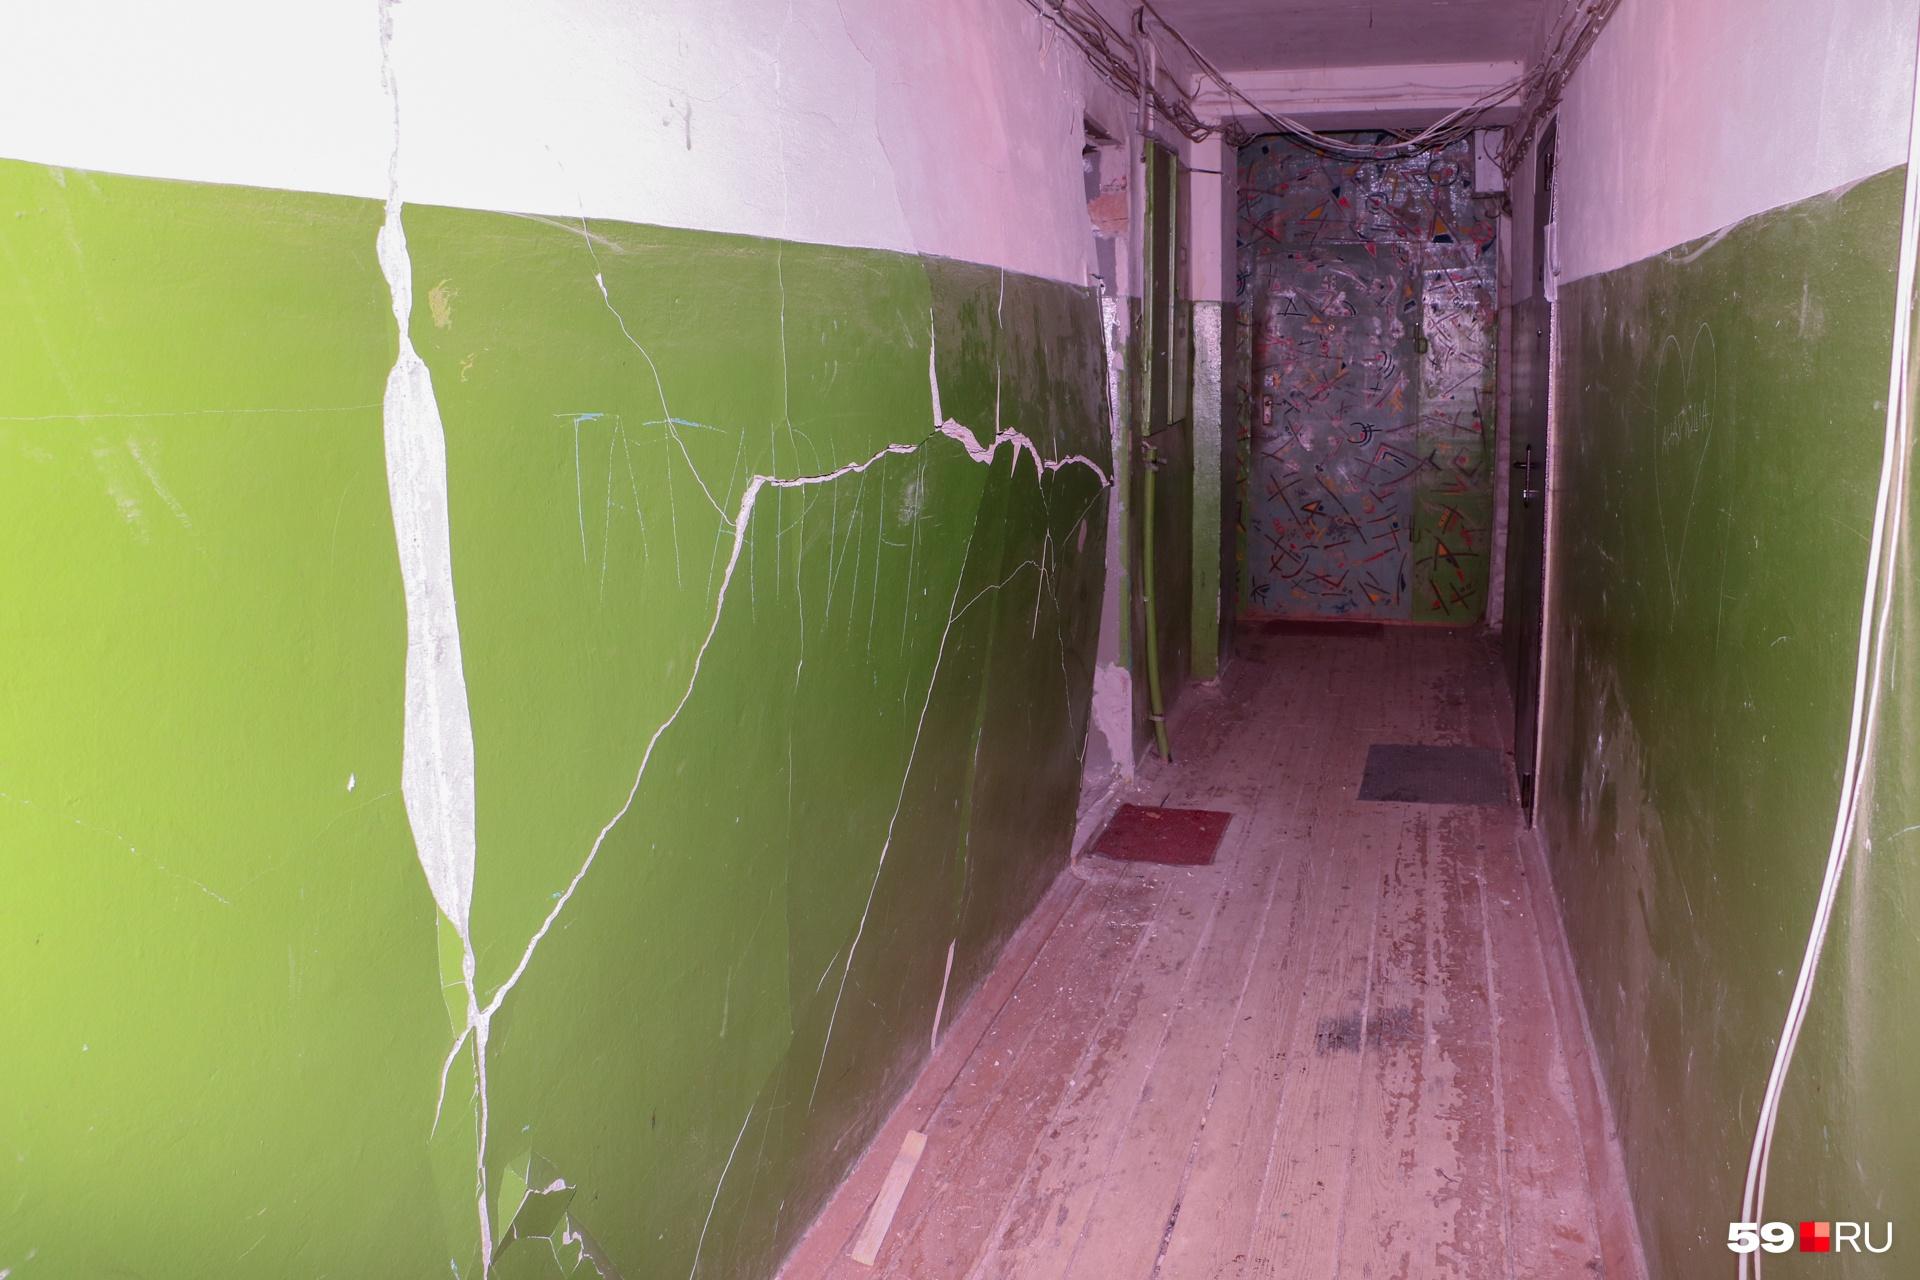 Из-за взрыва стена выгнулась и треснула